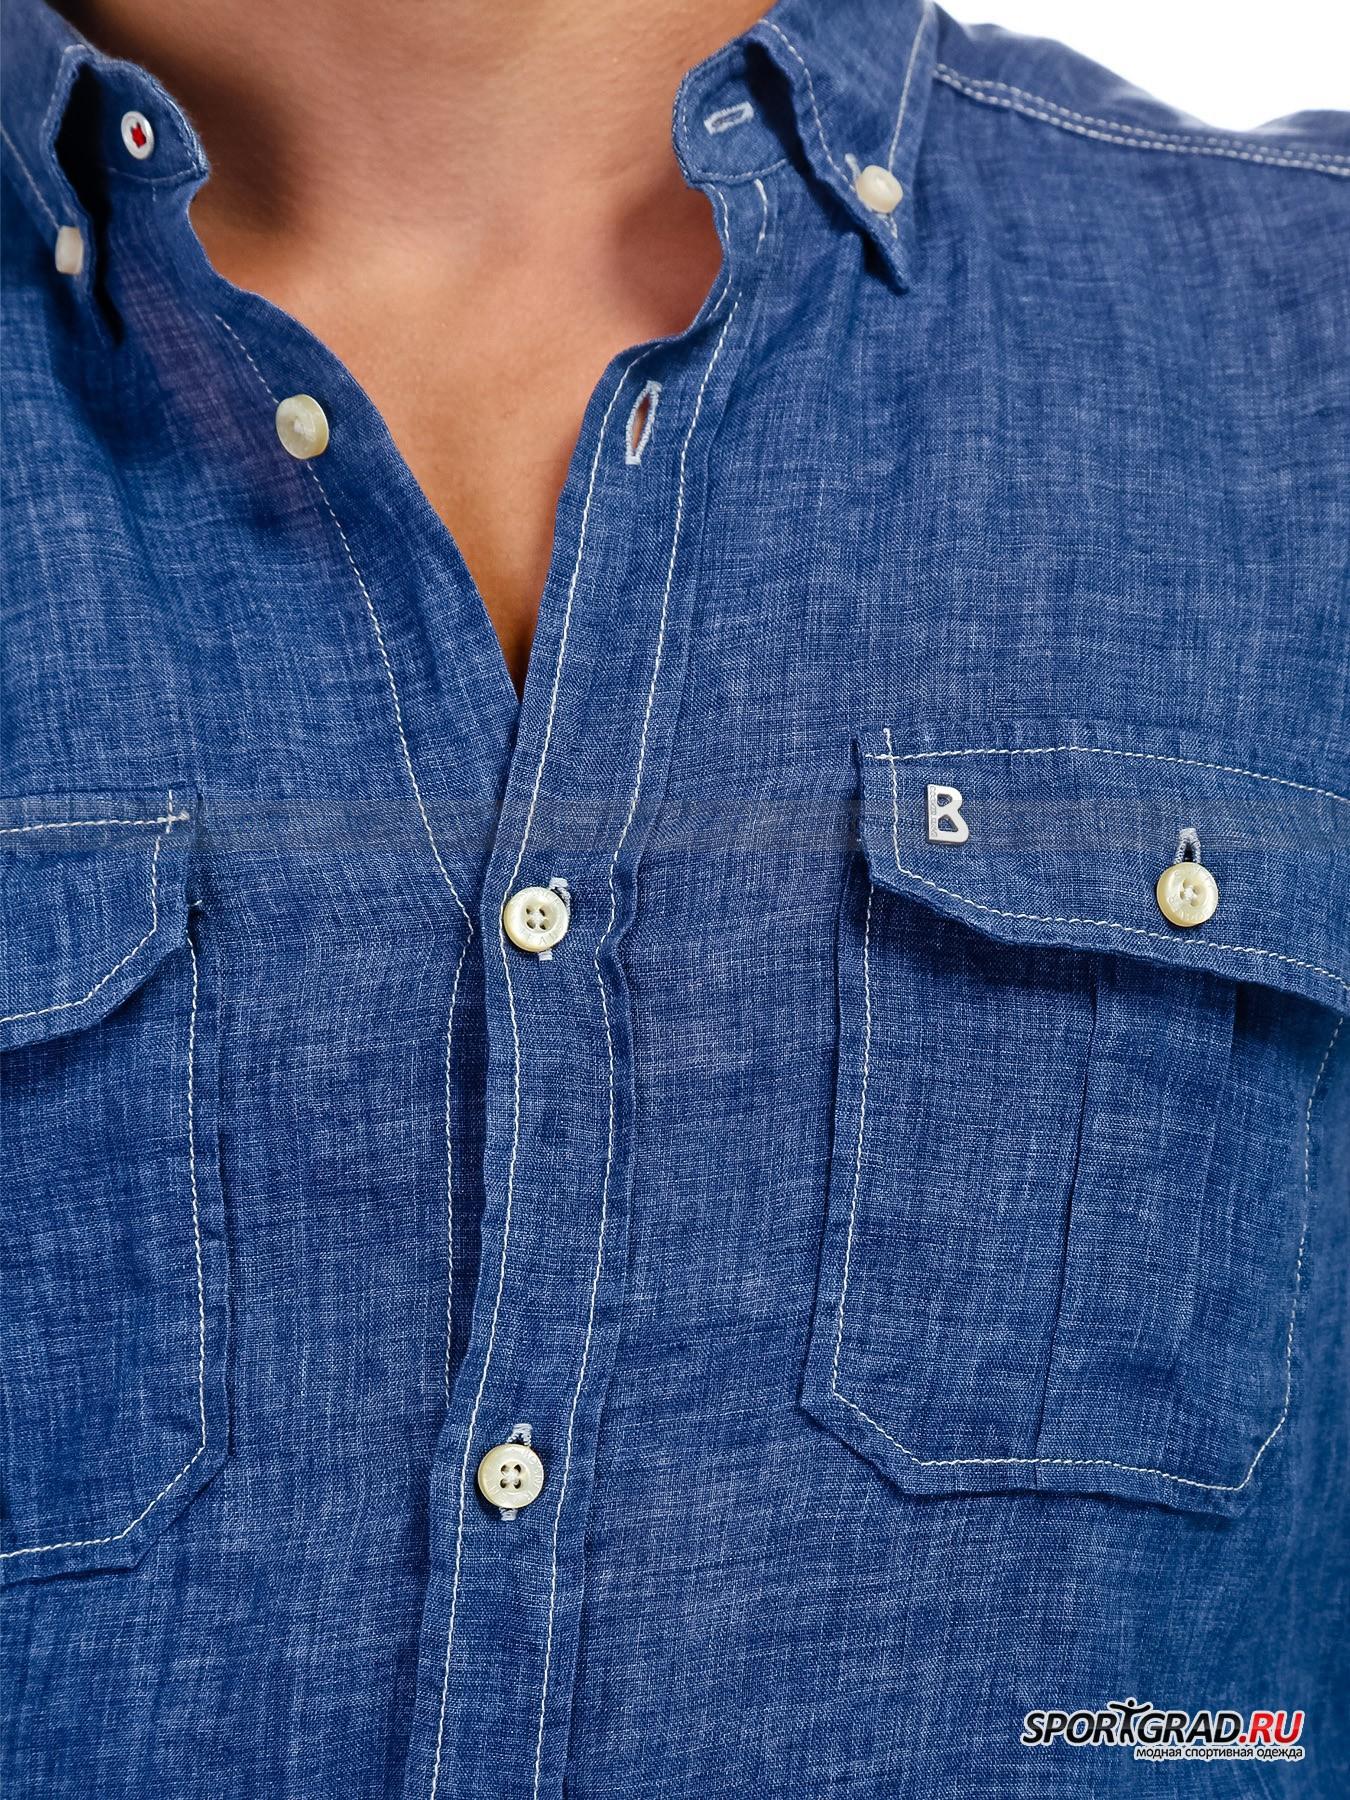 Рубашка мужская TOM BOGNER JEANS от Спортград